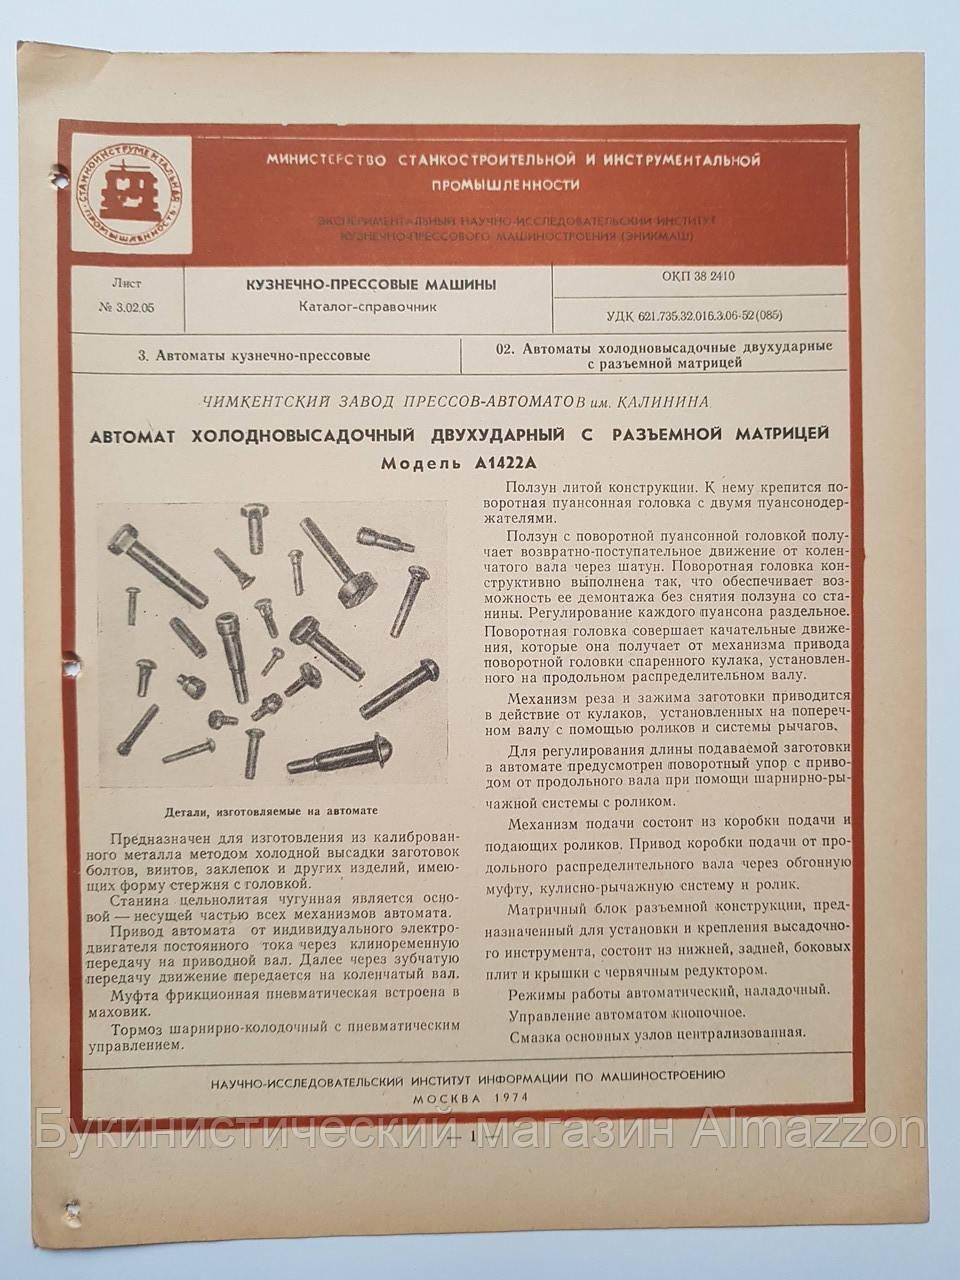 Журнал (Бюллетень) Автомат холодновысадочный двухударный с разъемной матрицей А1422А  3.02.05